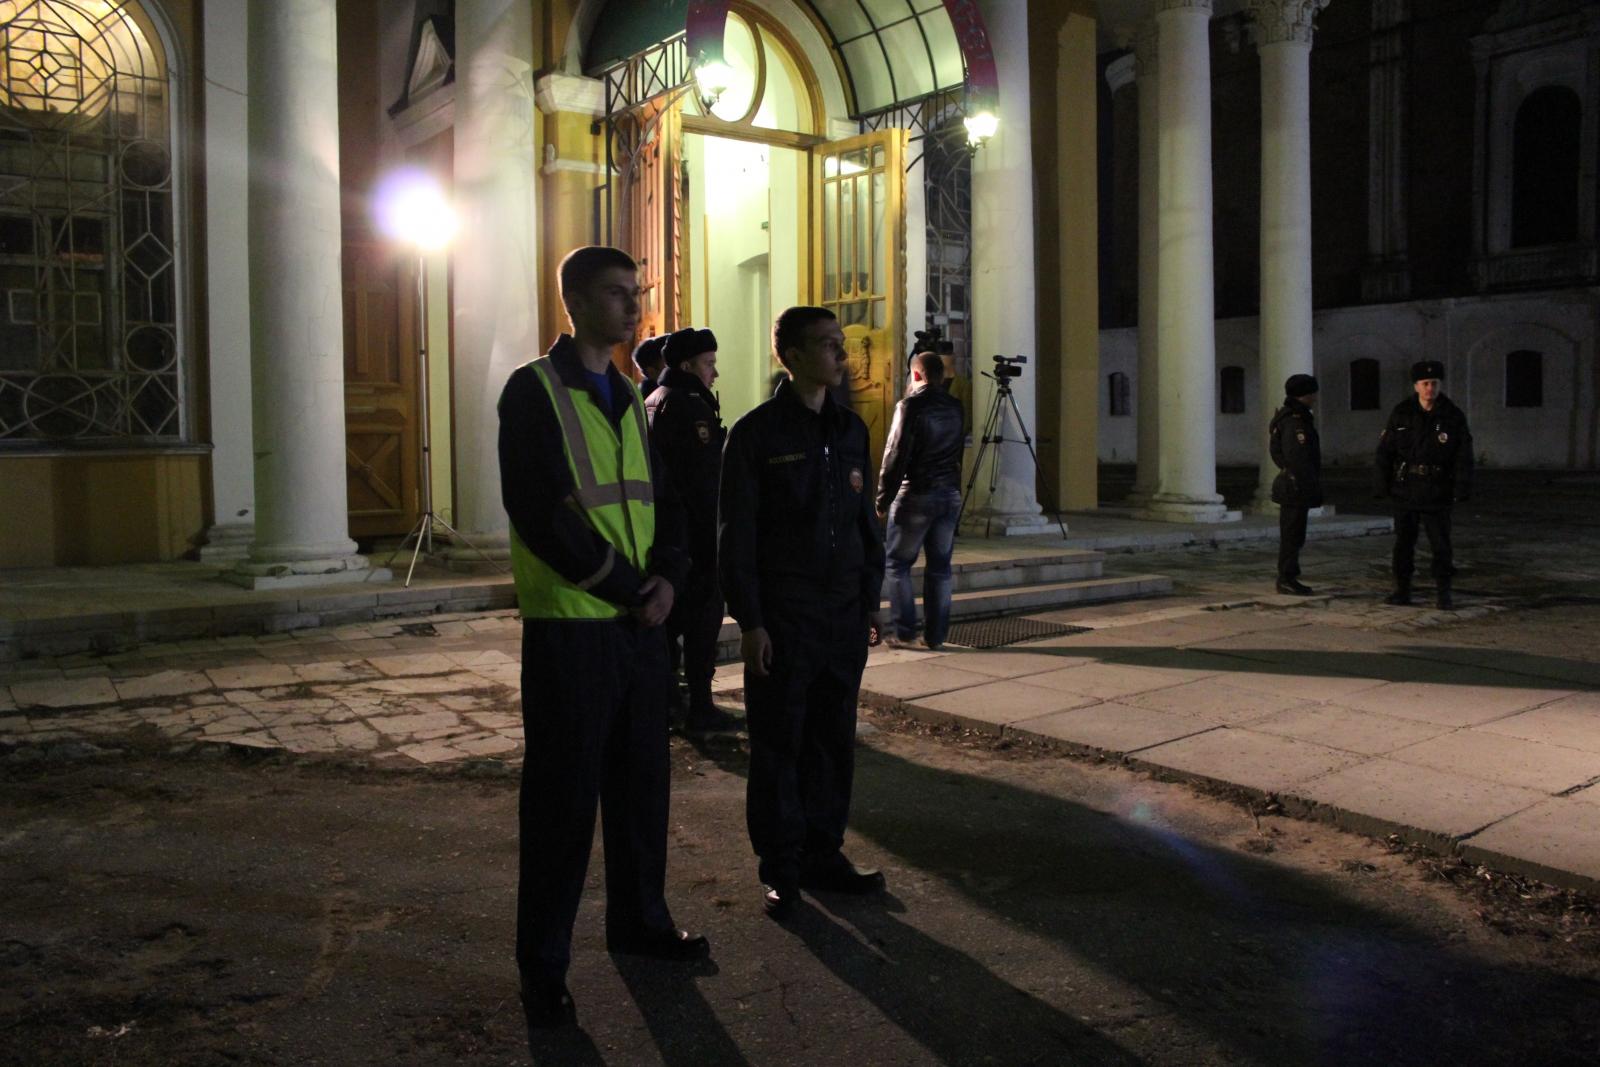 Обеспечение пожарной безопасности во время празднования Пасхи